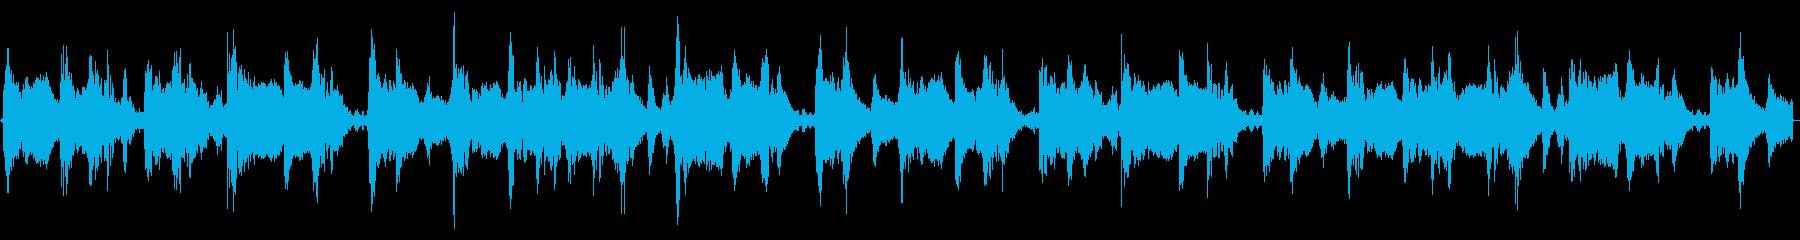 純粋なHip-Hopのループ楽曲です。の再生済みの波形